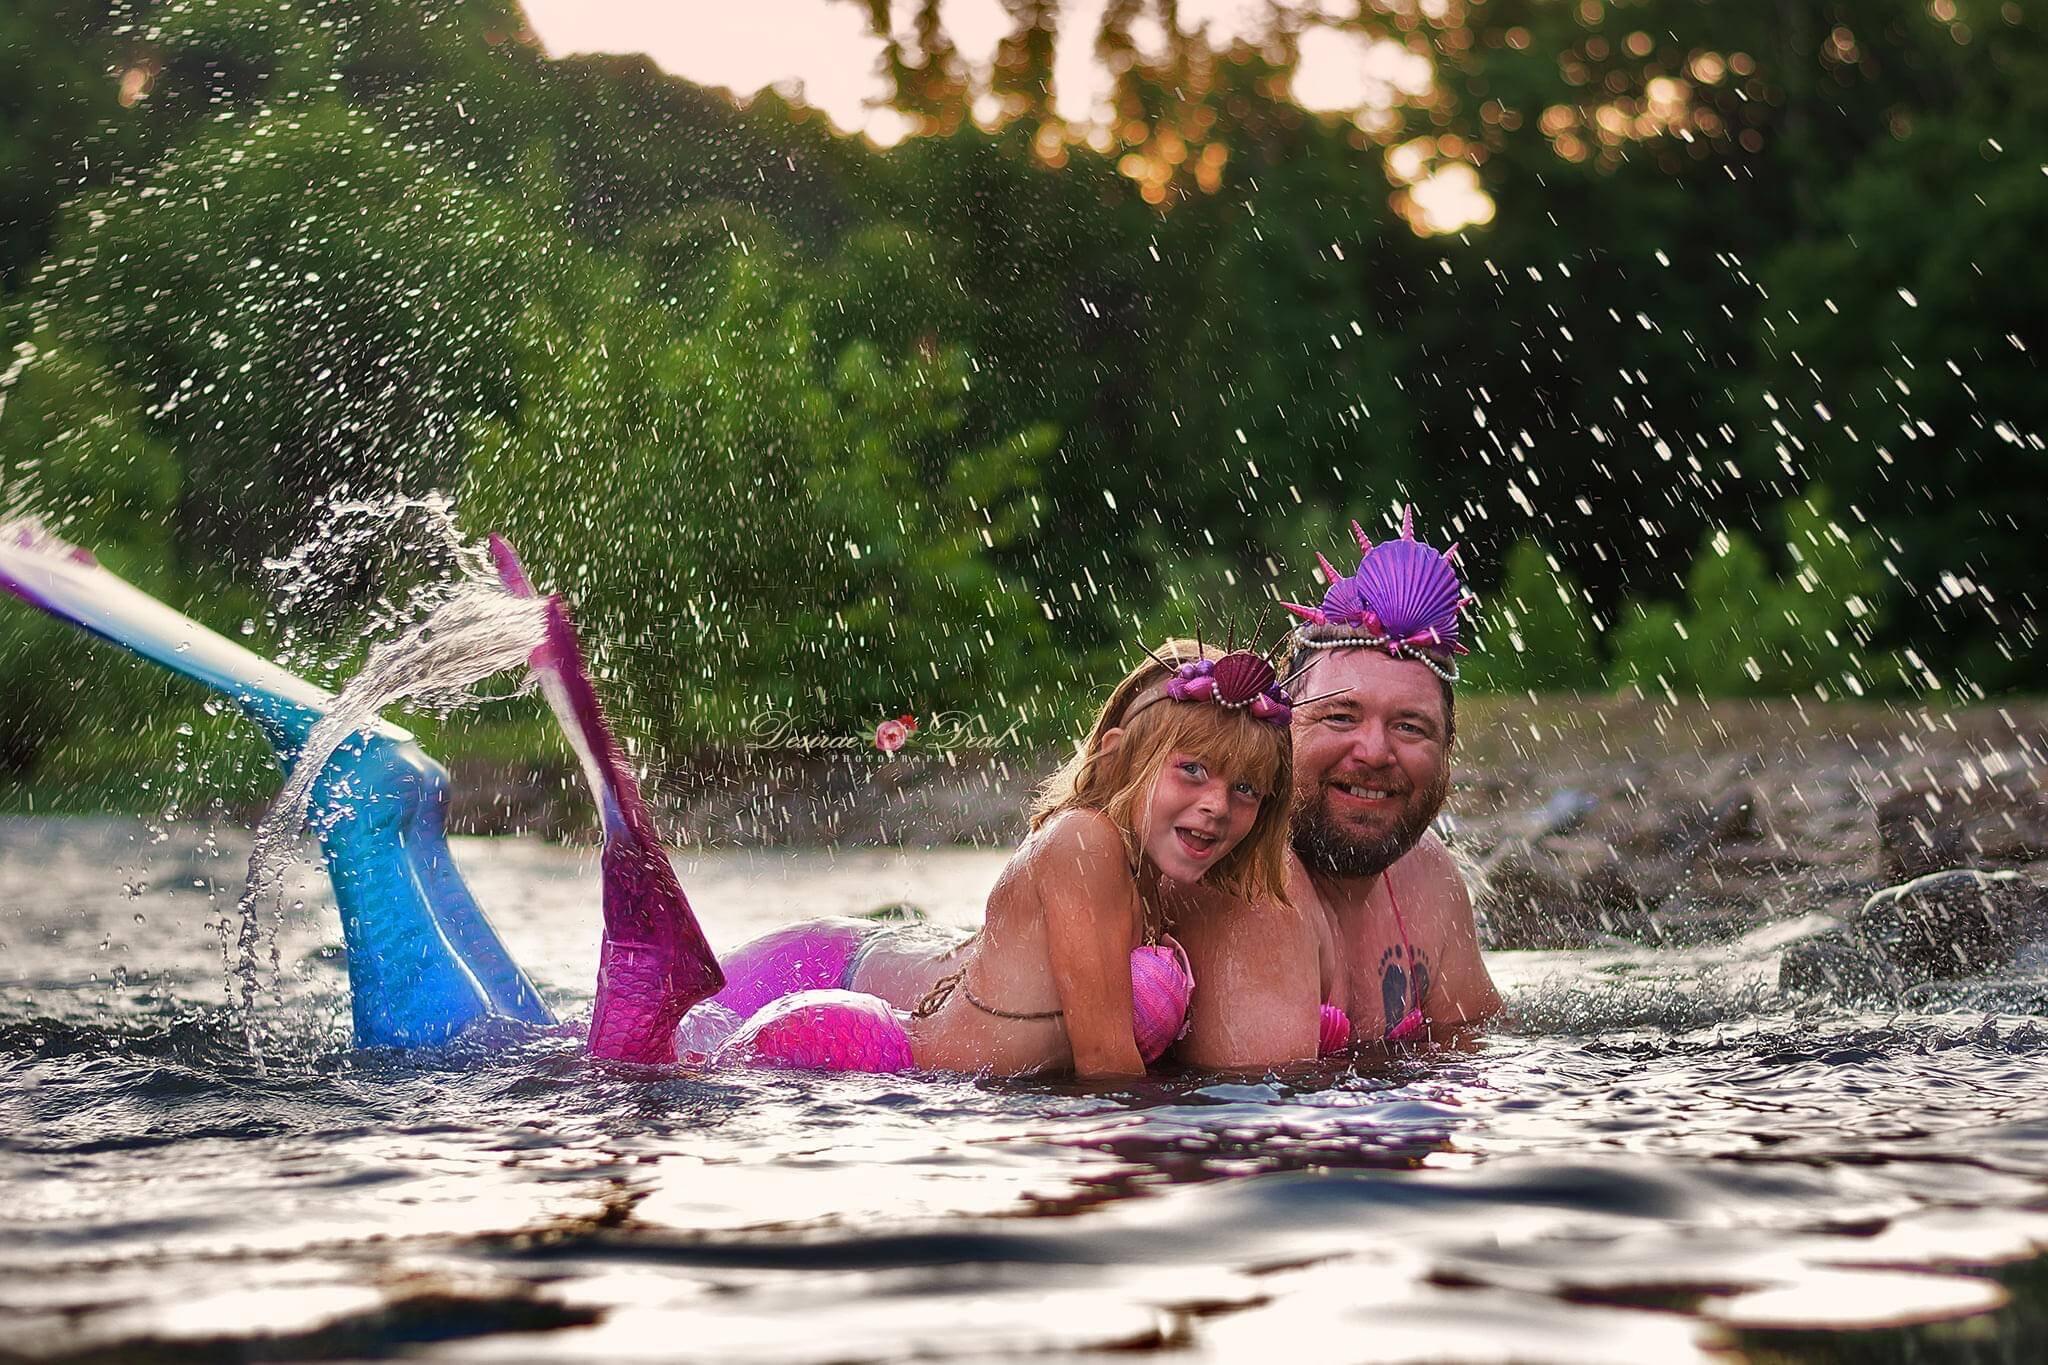 Menina celebra aniversário de 8 anos com ensaio fotográfico de sereia ao lado do pai